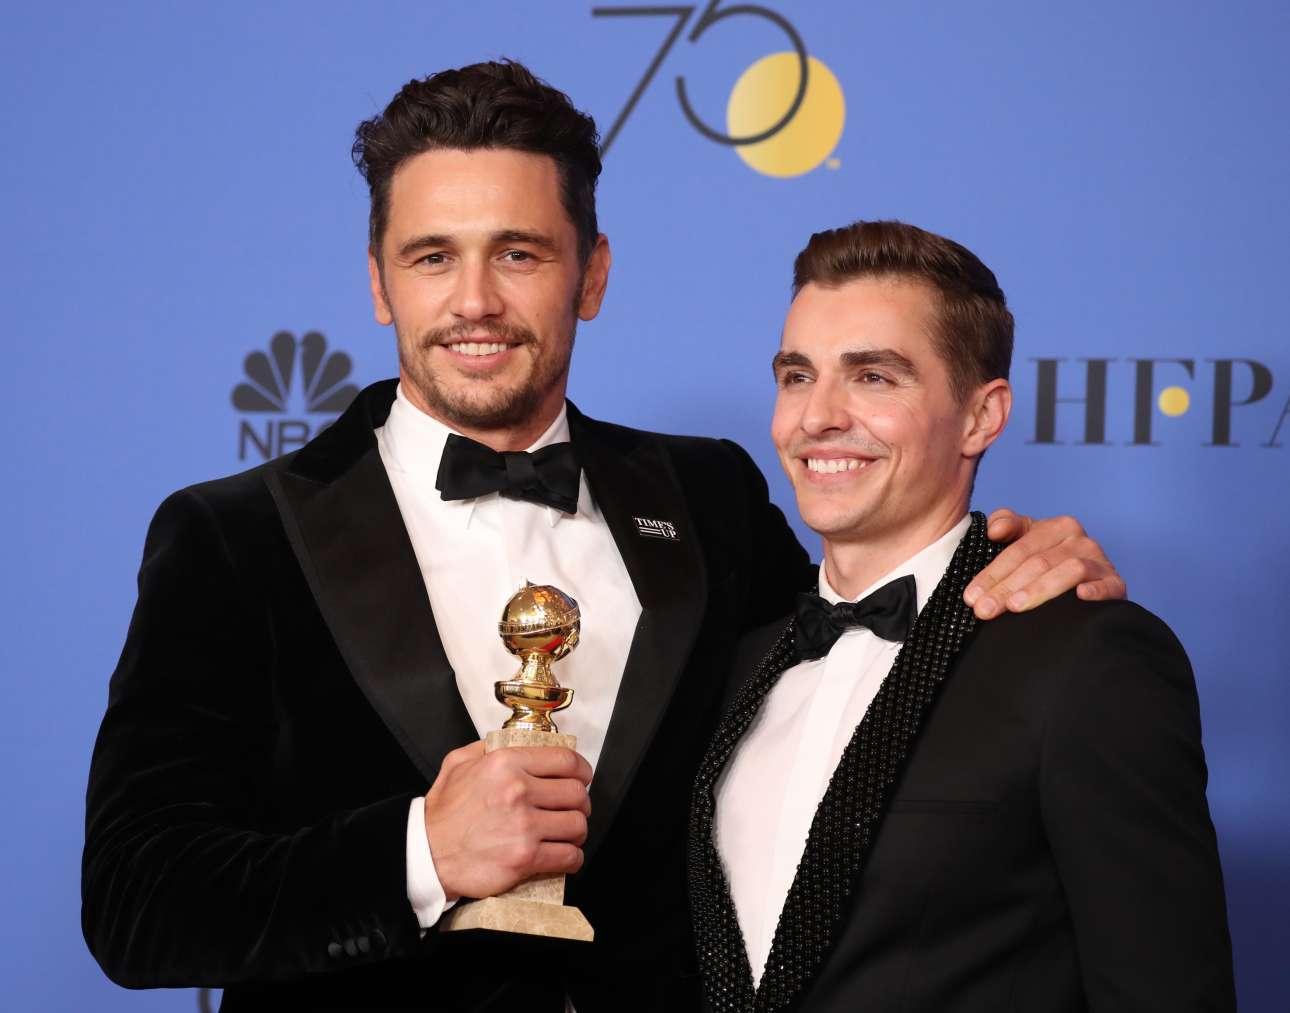 Ο Τζέιμς Φράνκο, ποζάρει παρέα με τον αδελφό του Ντέιβ, με το βραβείο καλύτερης ανδρικής ερμηνείας σε κωμωδία ή μιούζικαλ, για τον ρόλο του στο «The Disaster Artist»